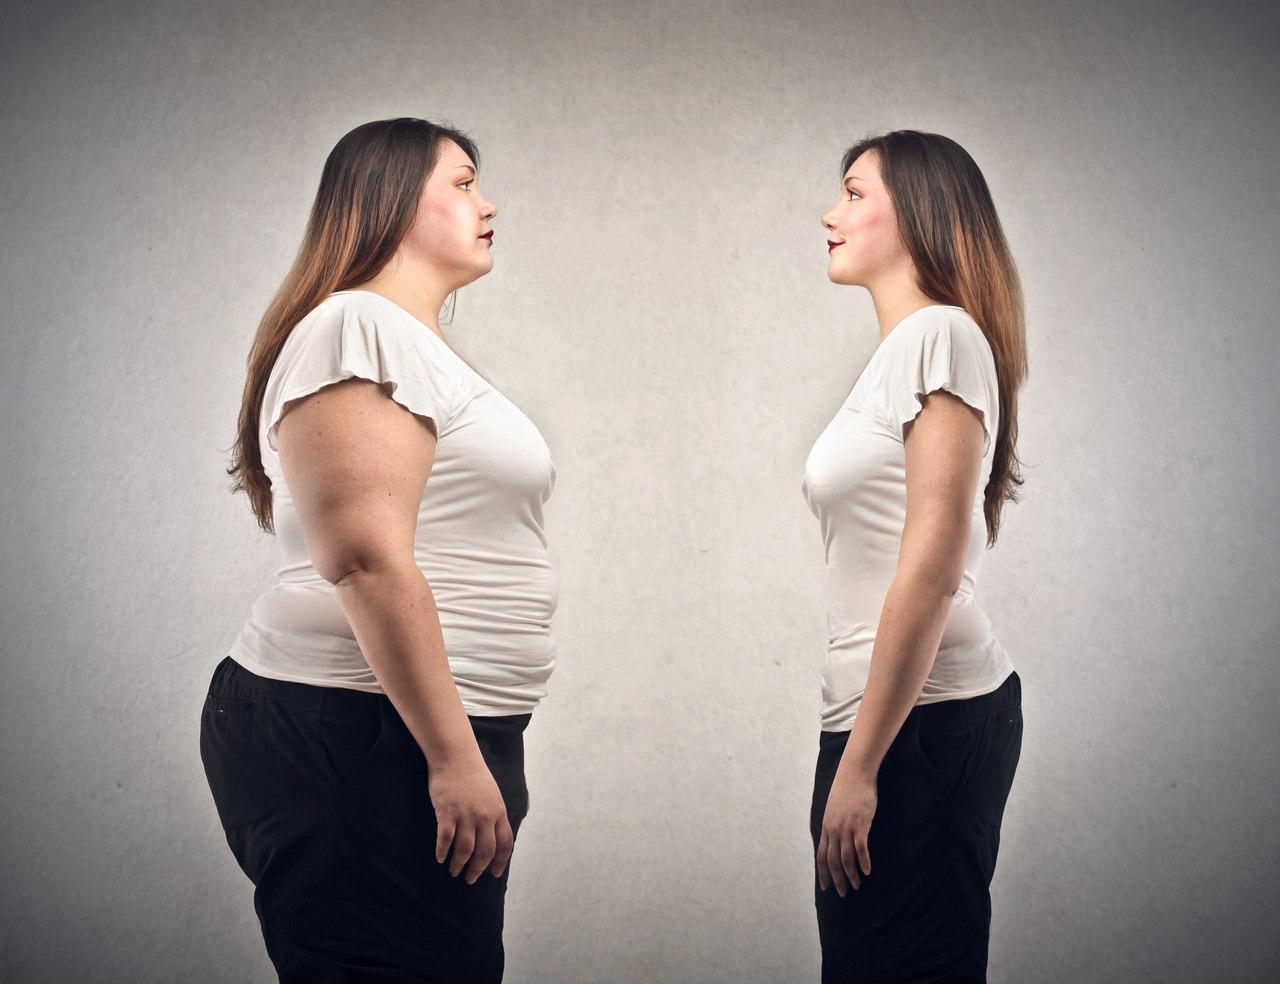 как снизить вес после 40 лет женщине